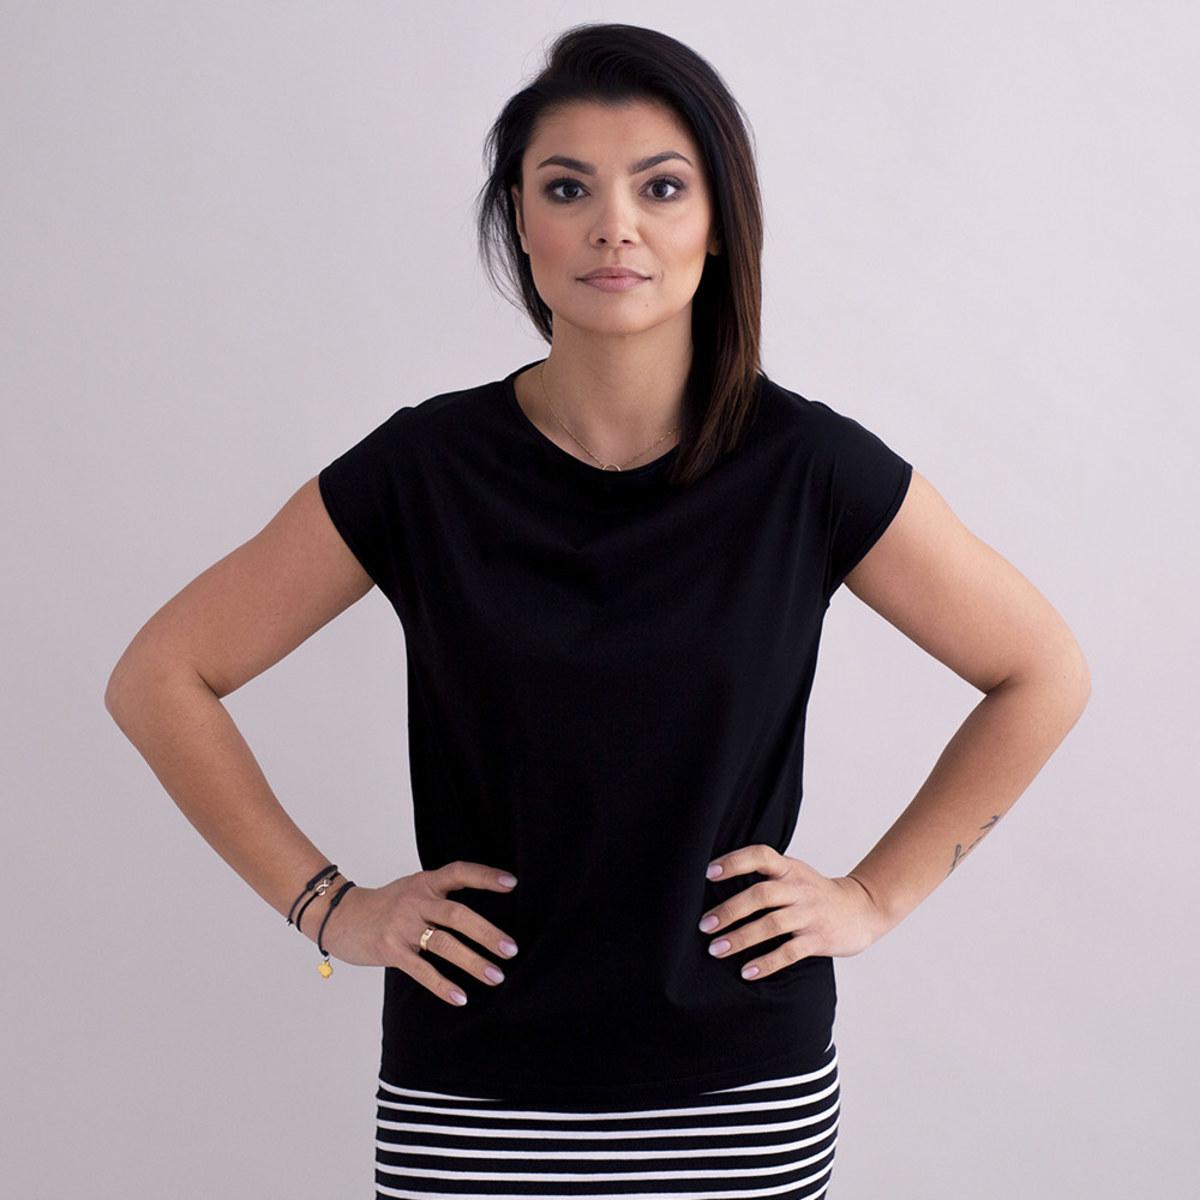 Dámske tričko čierne bavlna 10576 S